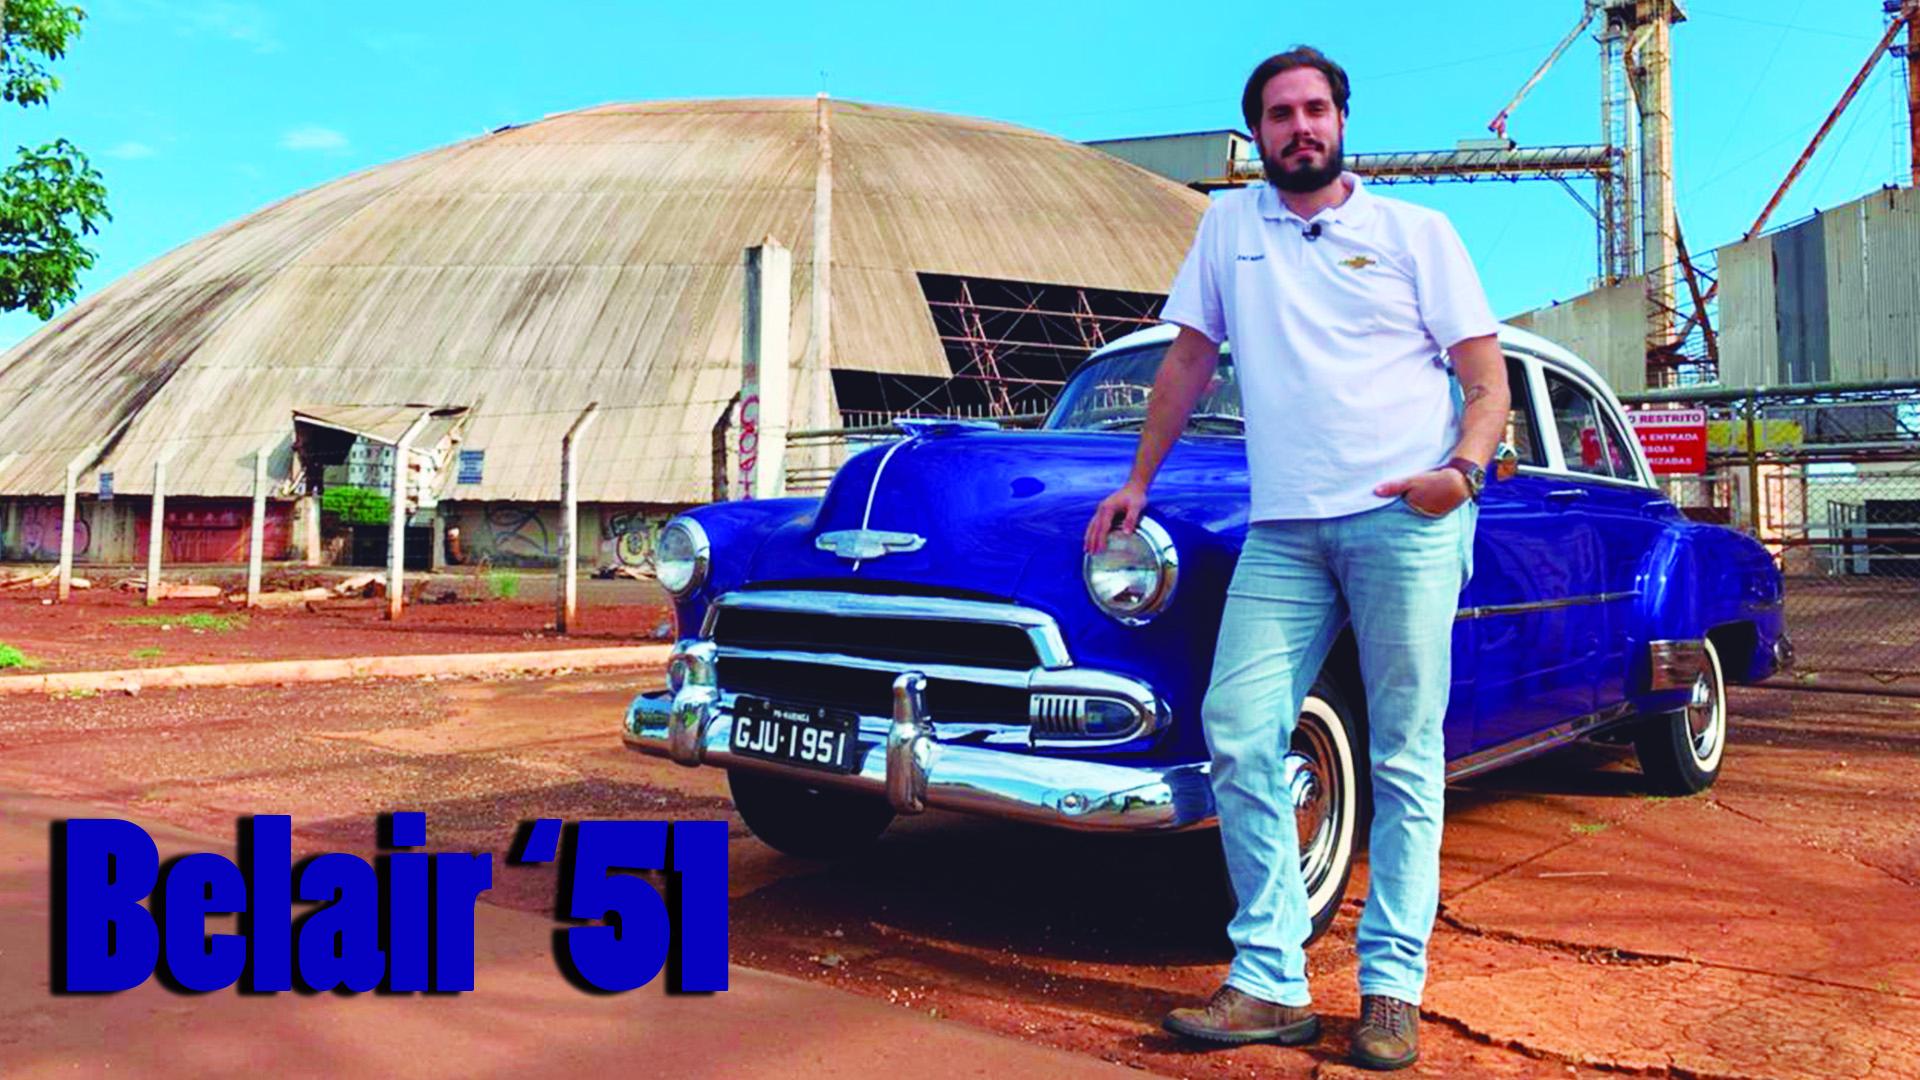 Carona Histórica com um Chevrolet Belair '51